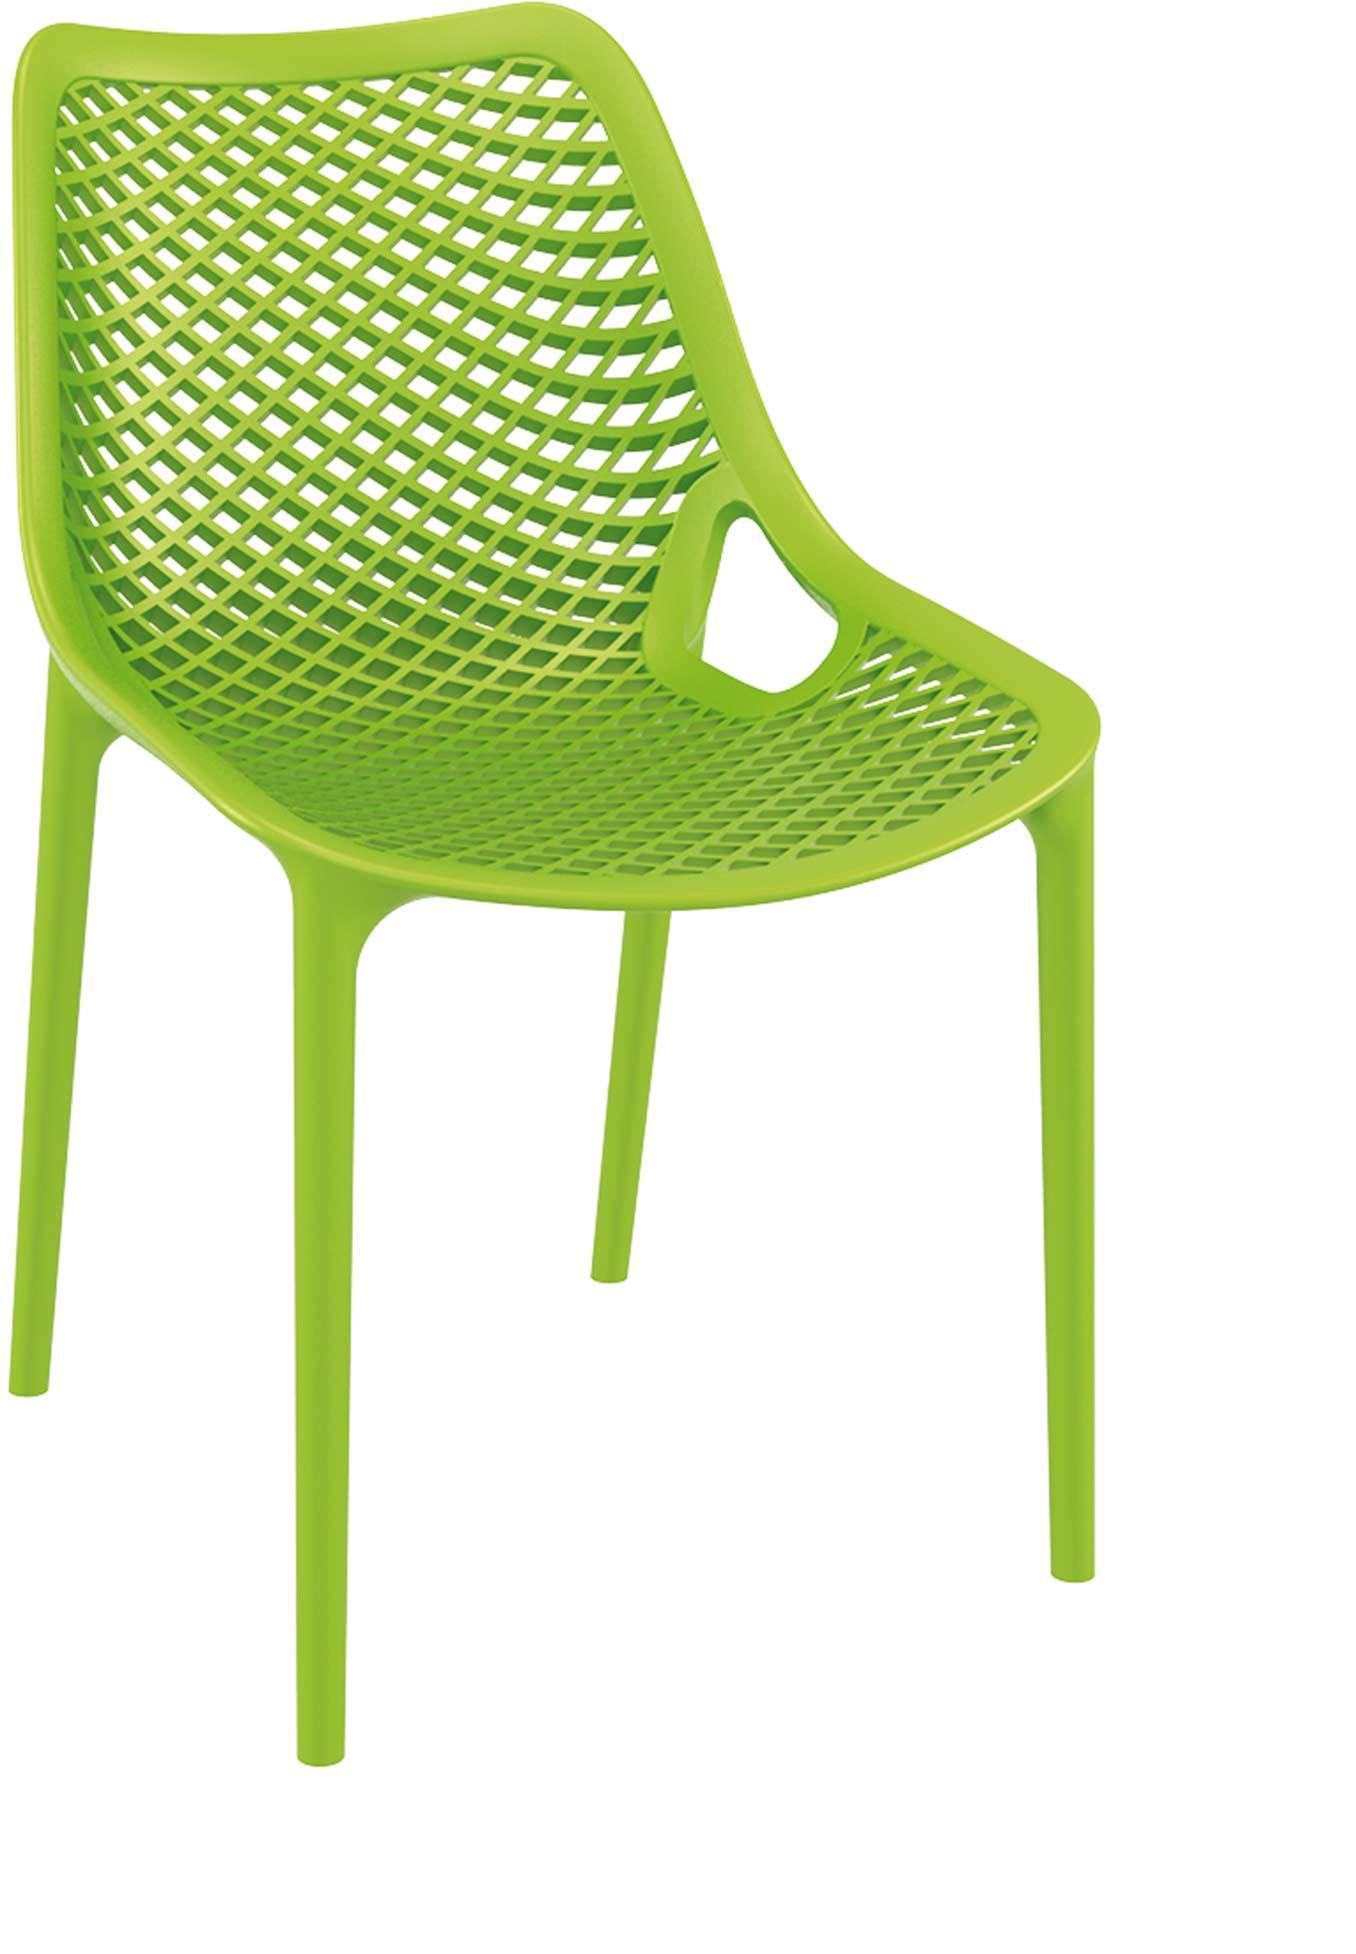 Filo Plastica Per Sedie.Sedie Da Esterno Interno In Plastica Di Ottima Qualita A Prezzi